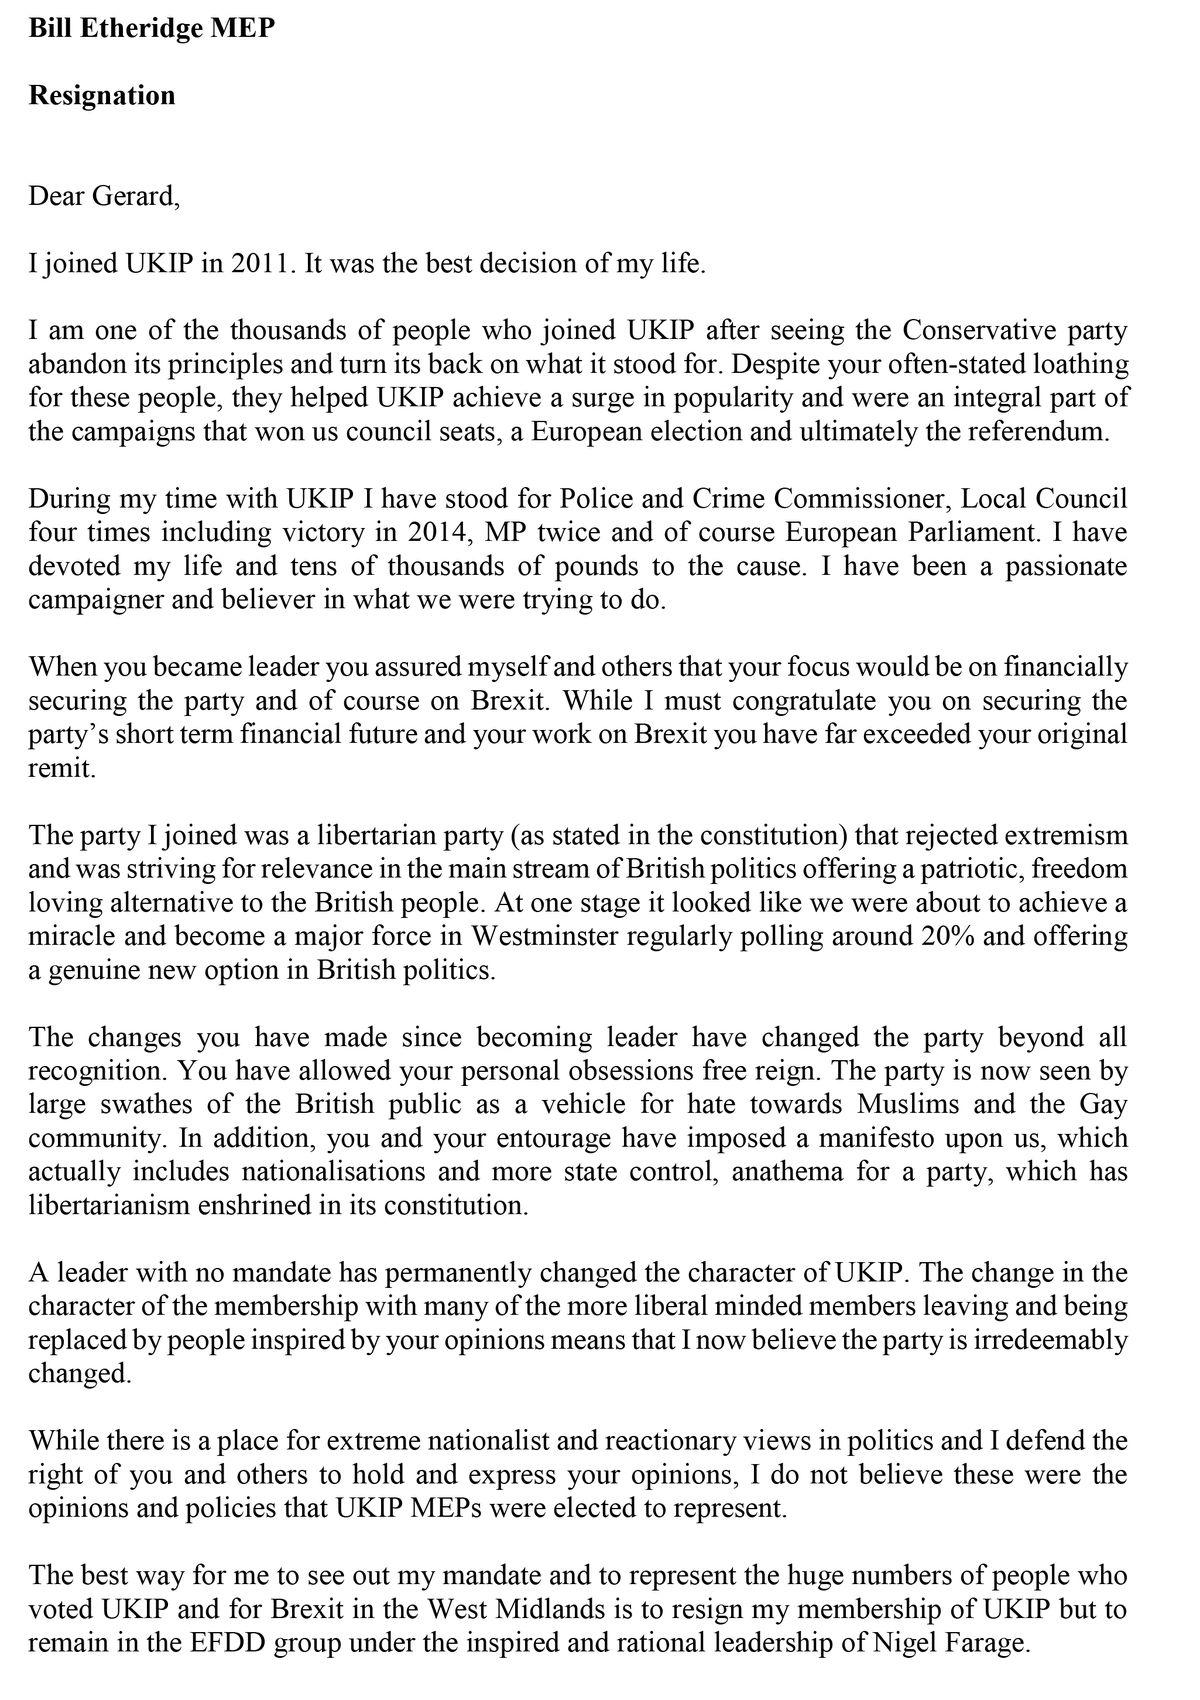 Part one of Bill Etheridge's resignation letter